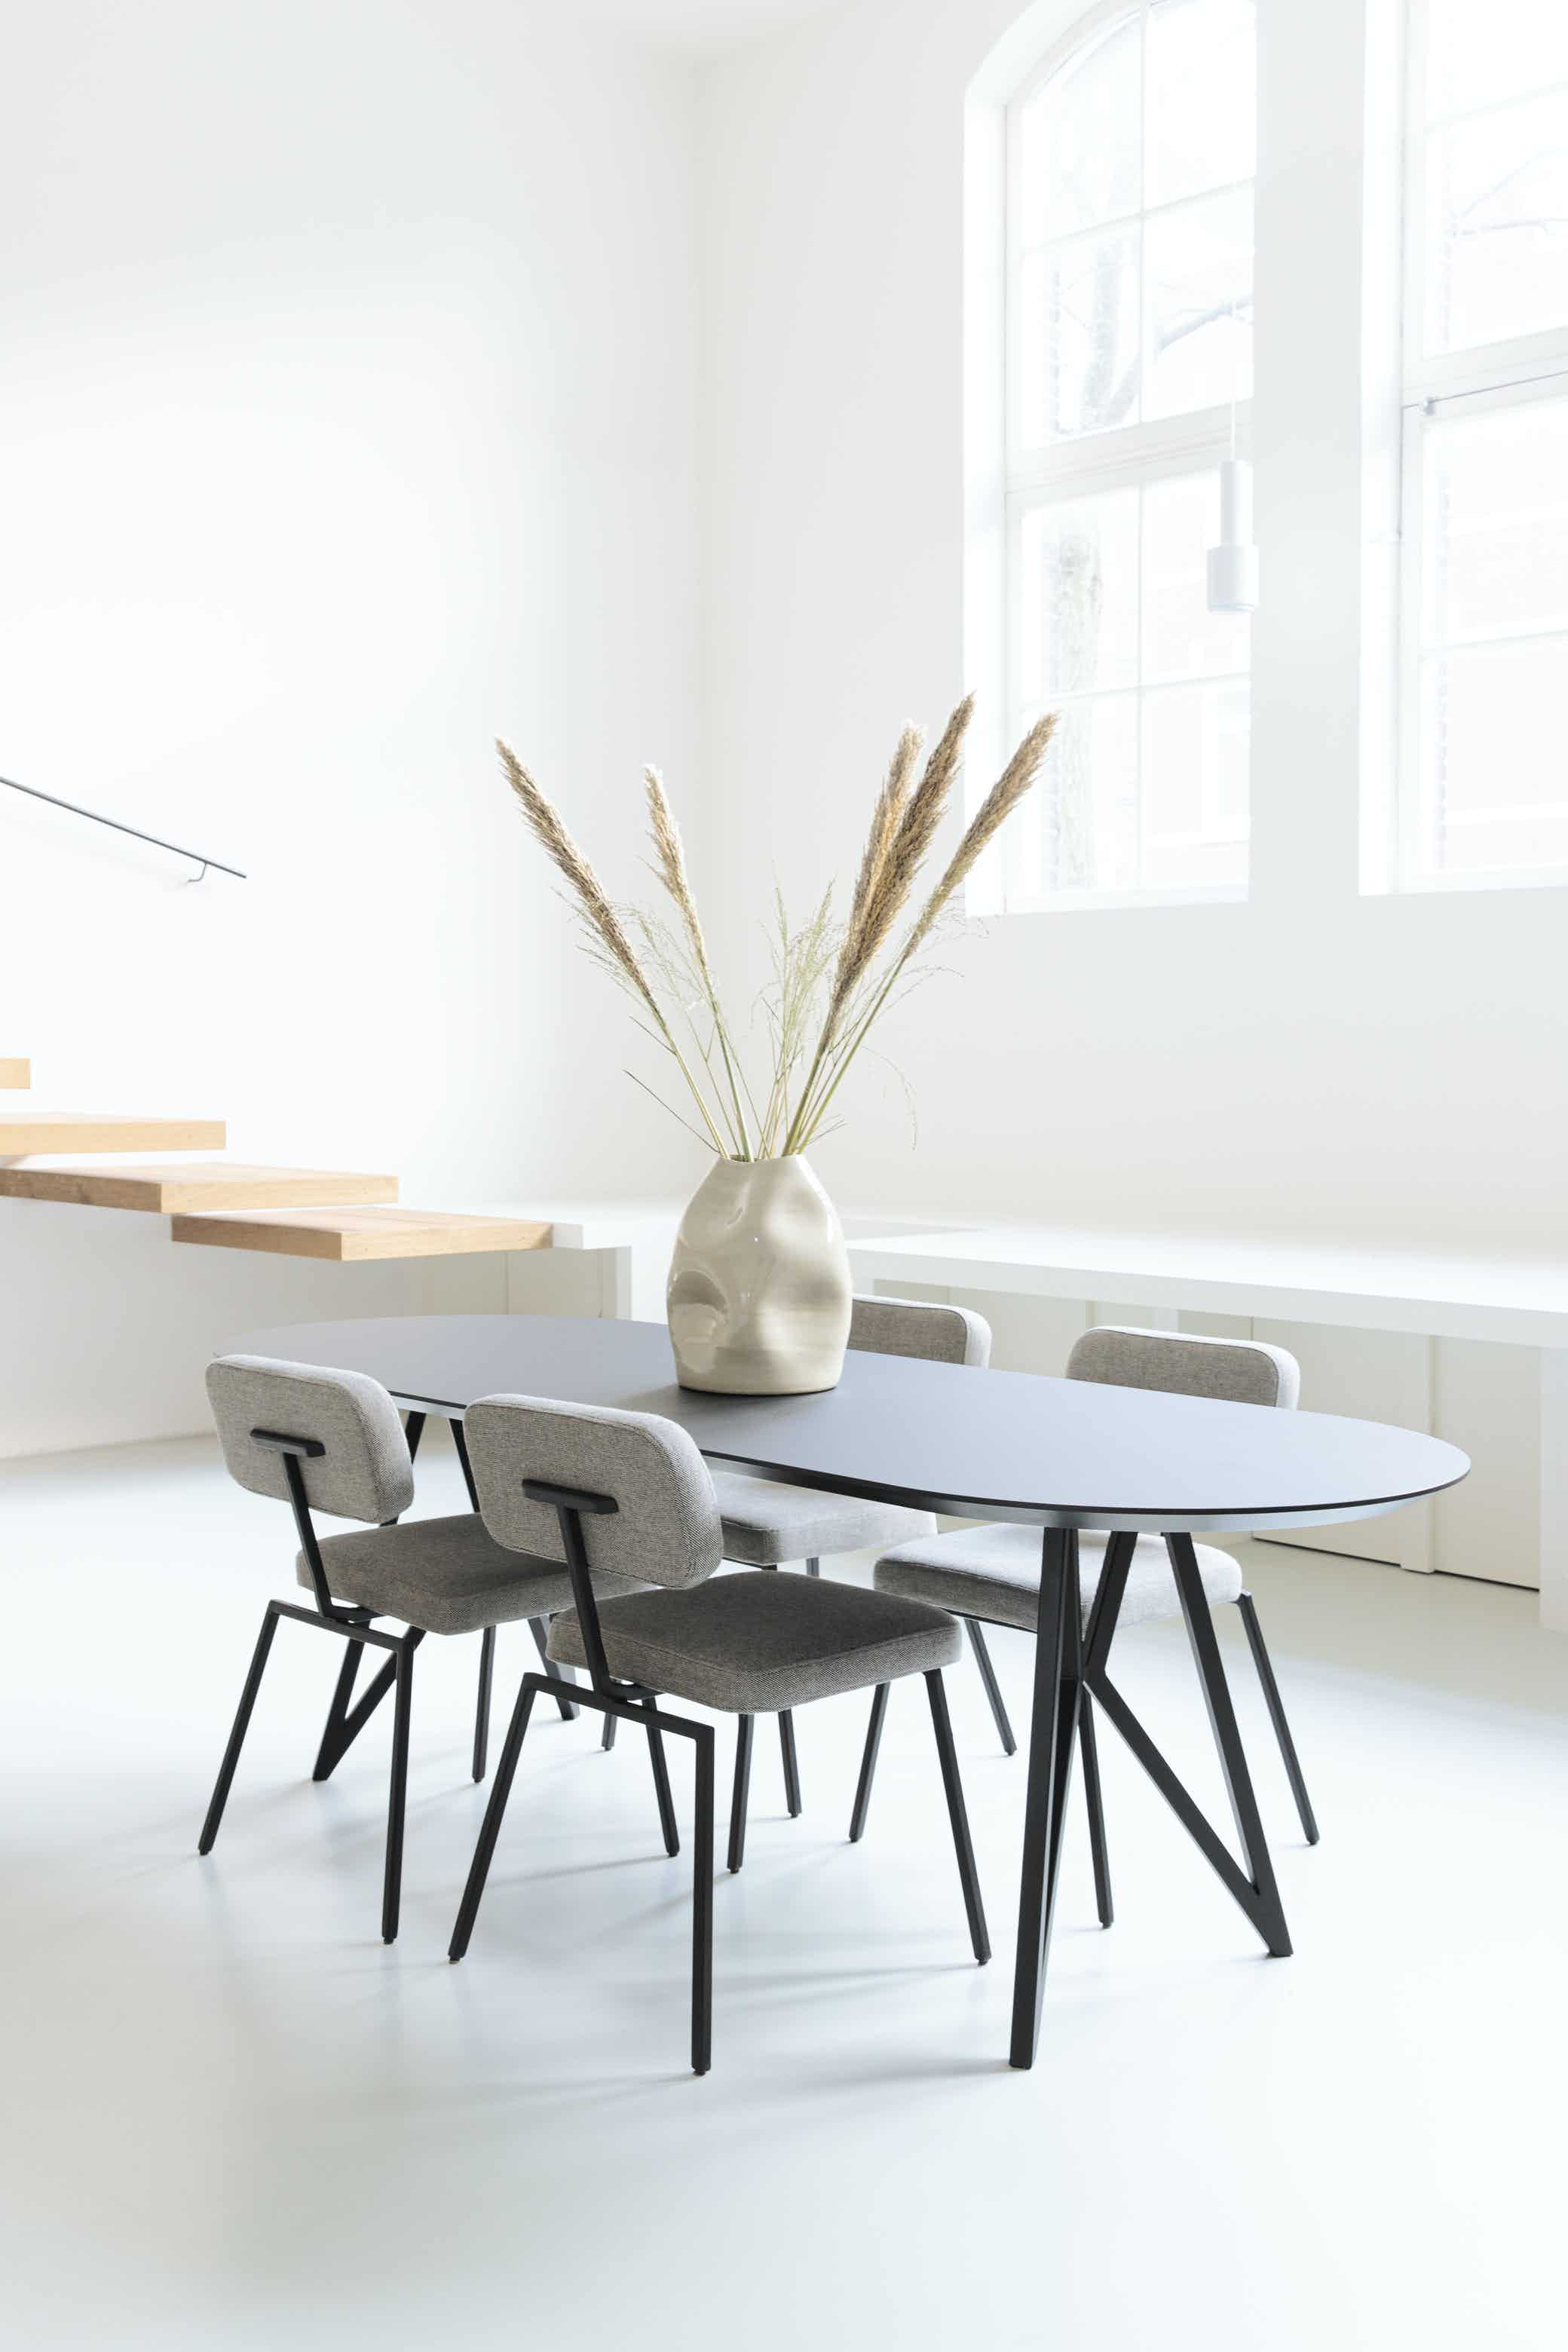 Studio henk dutch furniture design at haute living